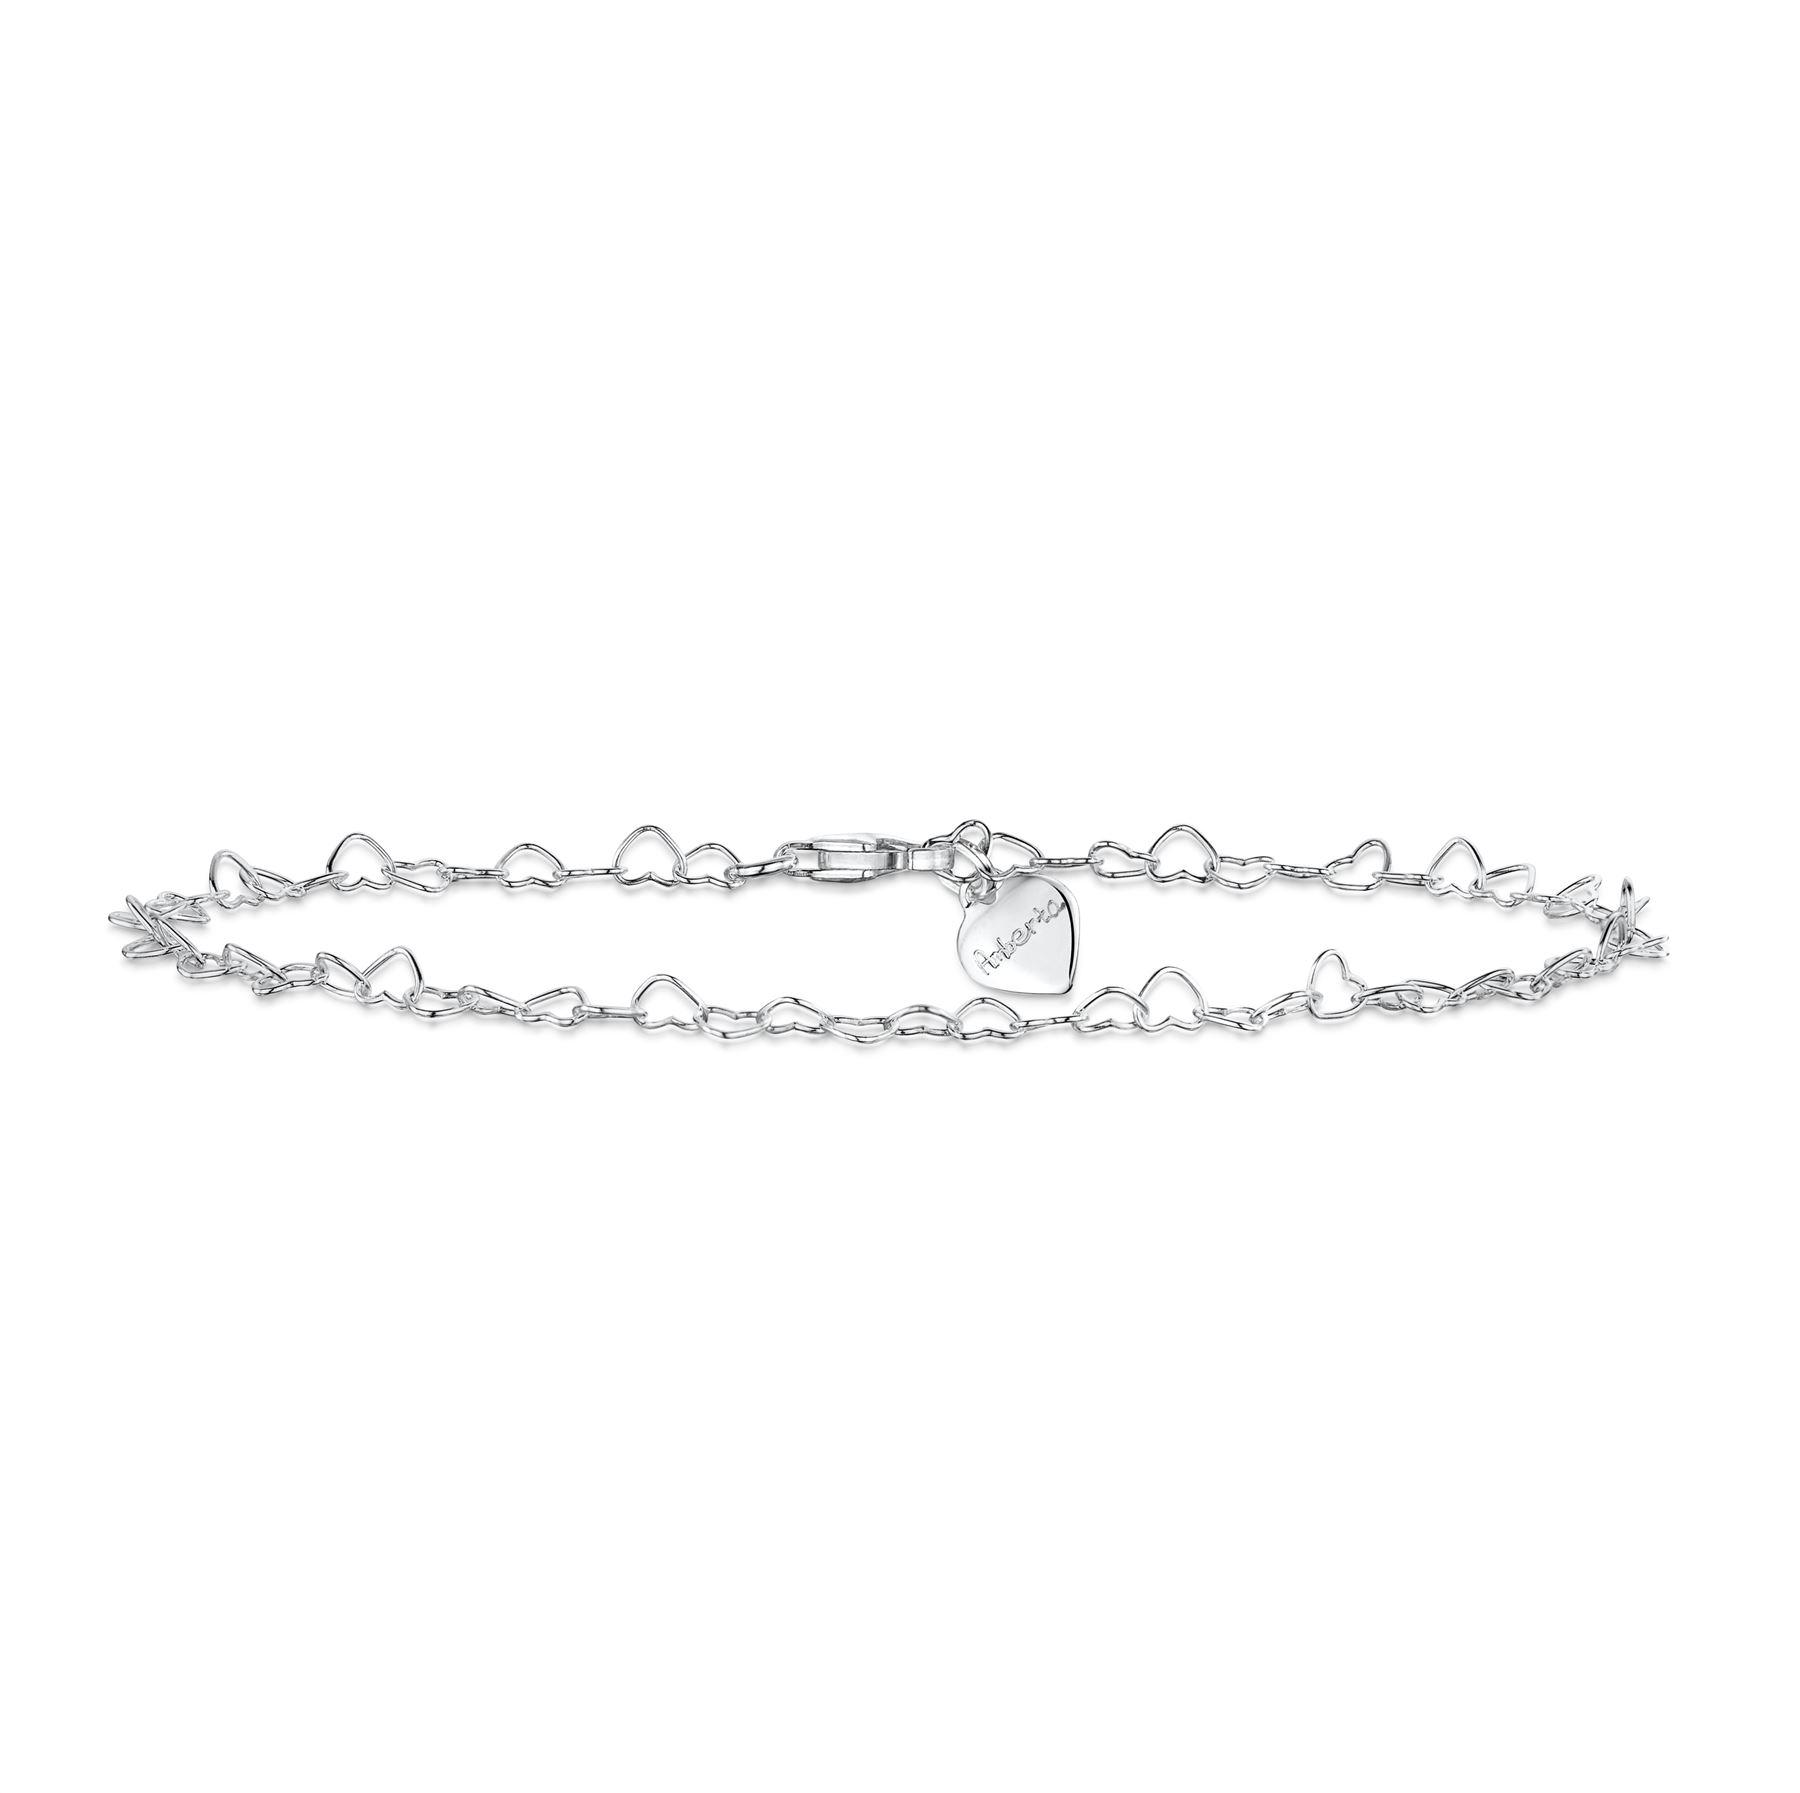 Amberta-Bijoux-Bracelet-en-Vrai-Argent-Sterling-925-Chaine-pour-Femme-a-la-Mode thumbnail 76